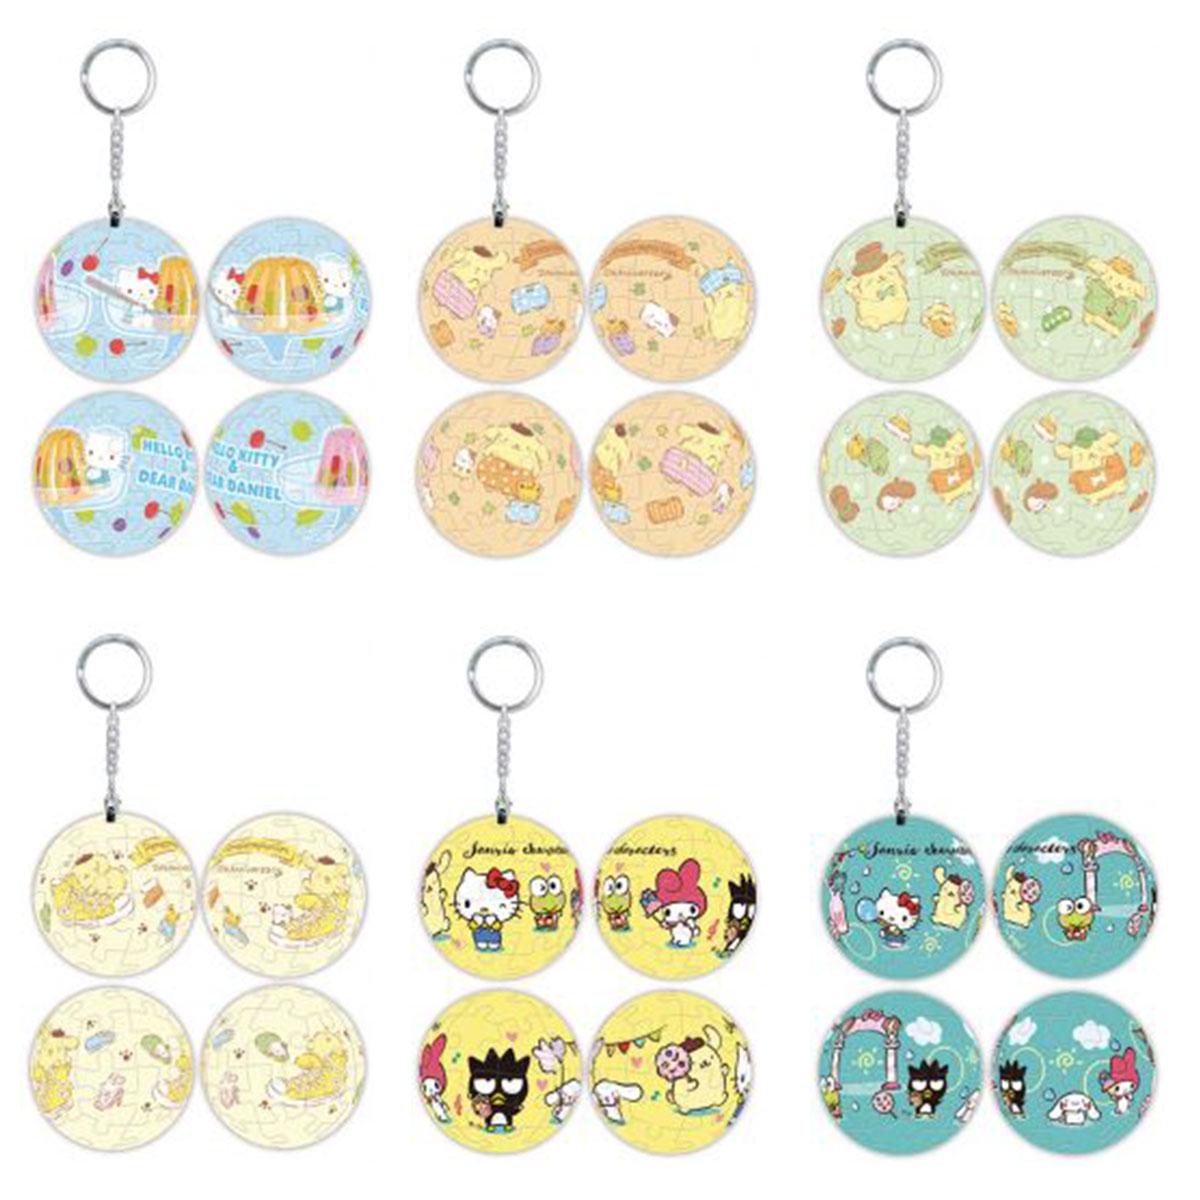 球型拼圖鑰匙圈 三麗鷗 奇幻樂園 24片 立體球型鎖匙圈 正版授權